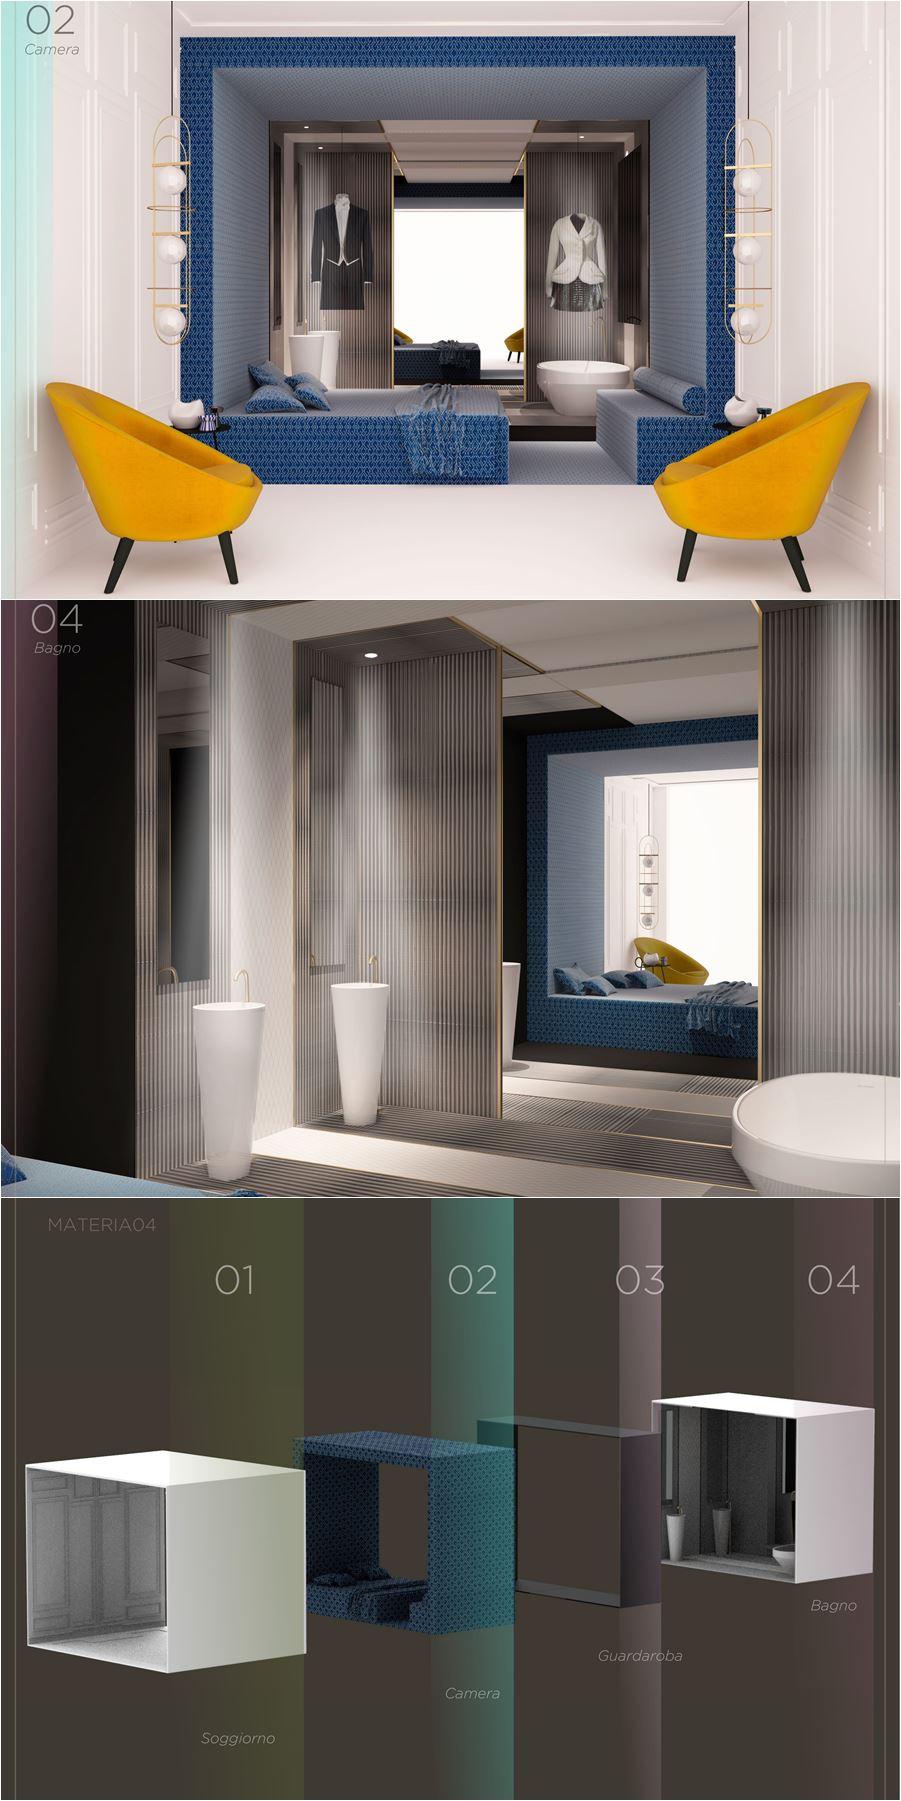 concept camera albergo di design